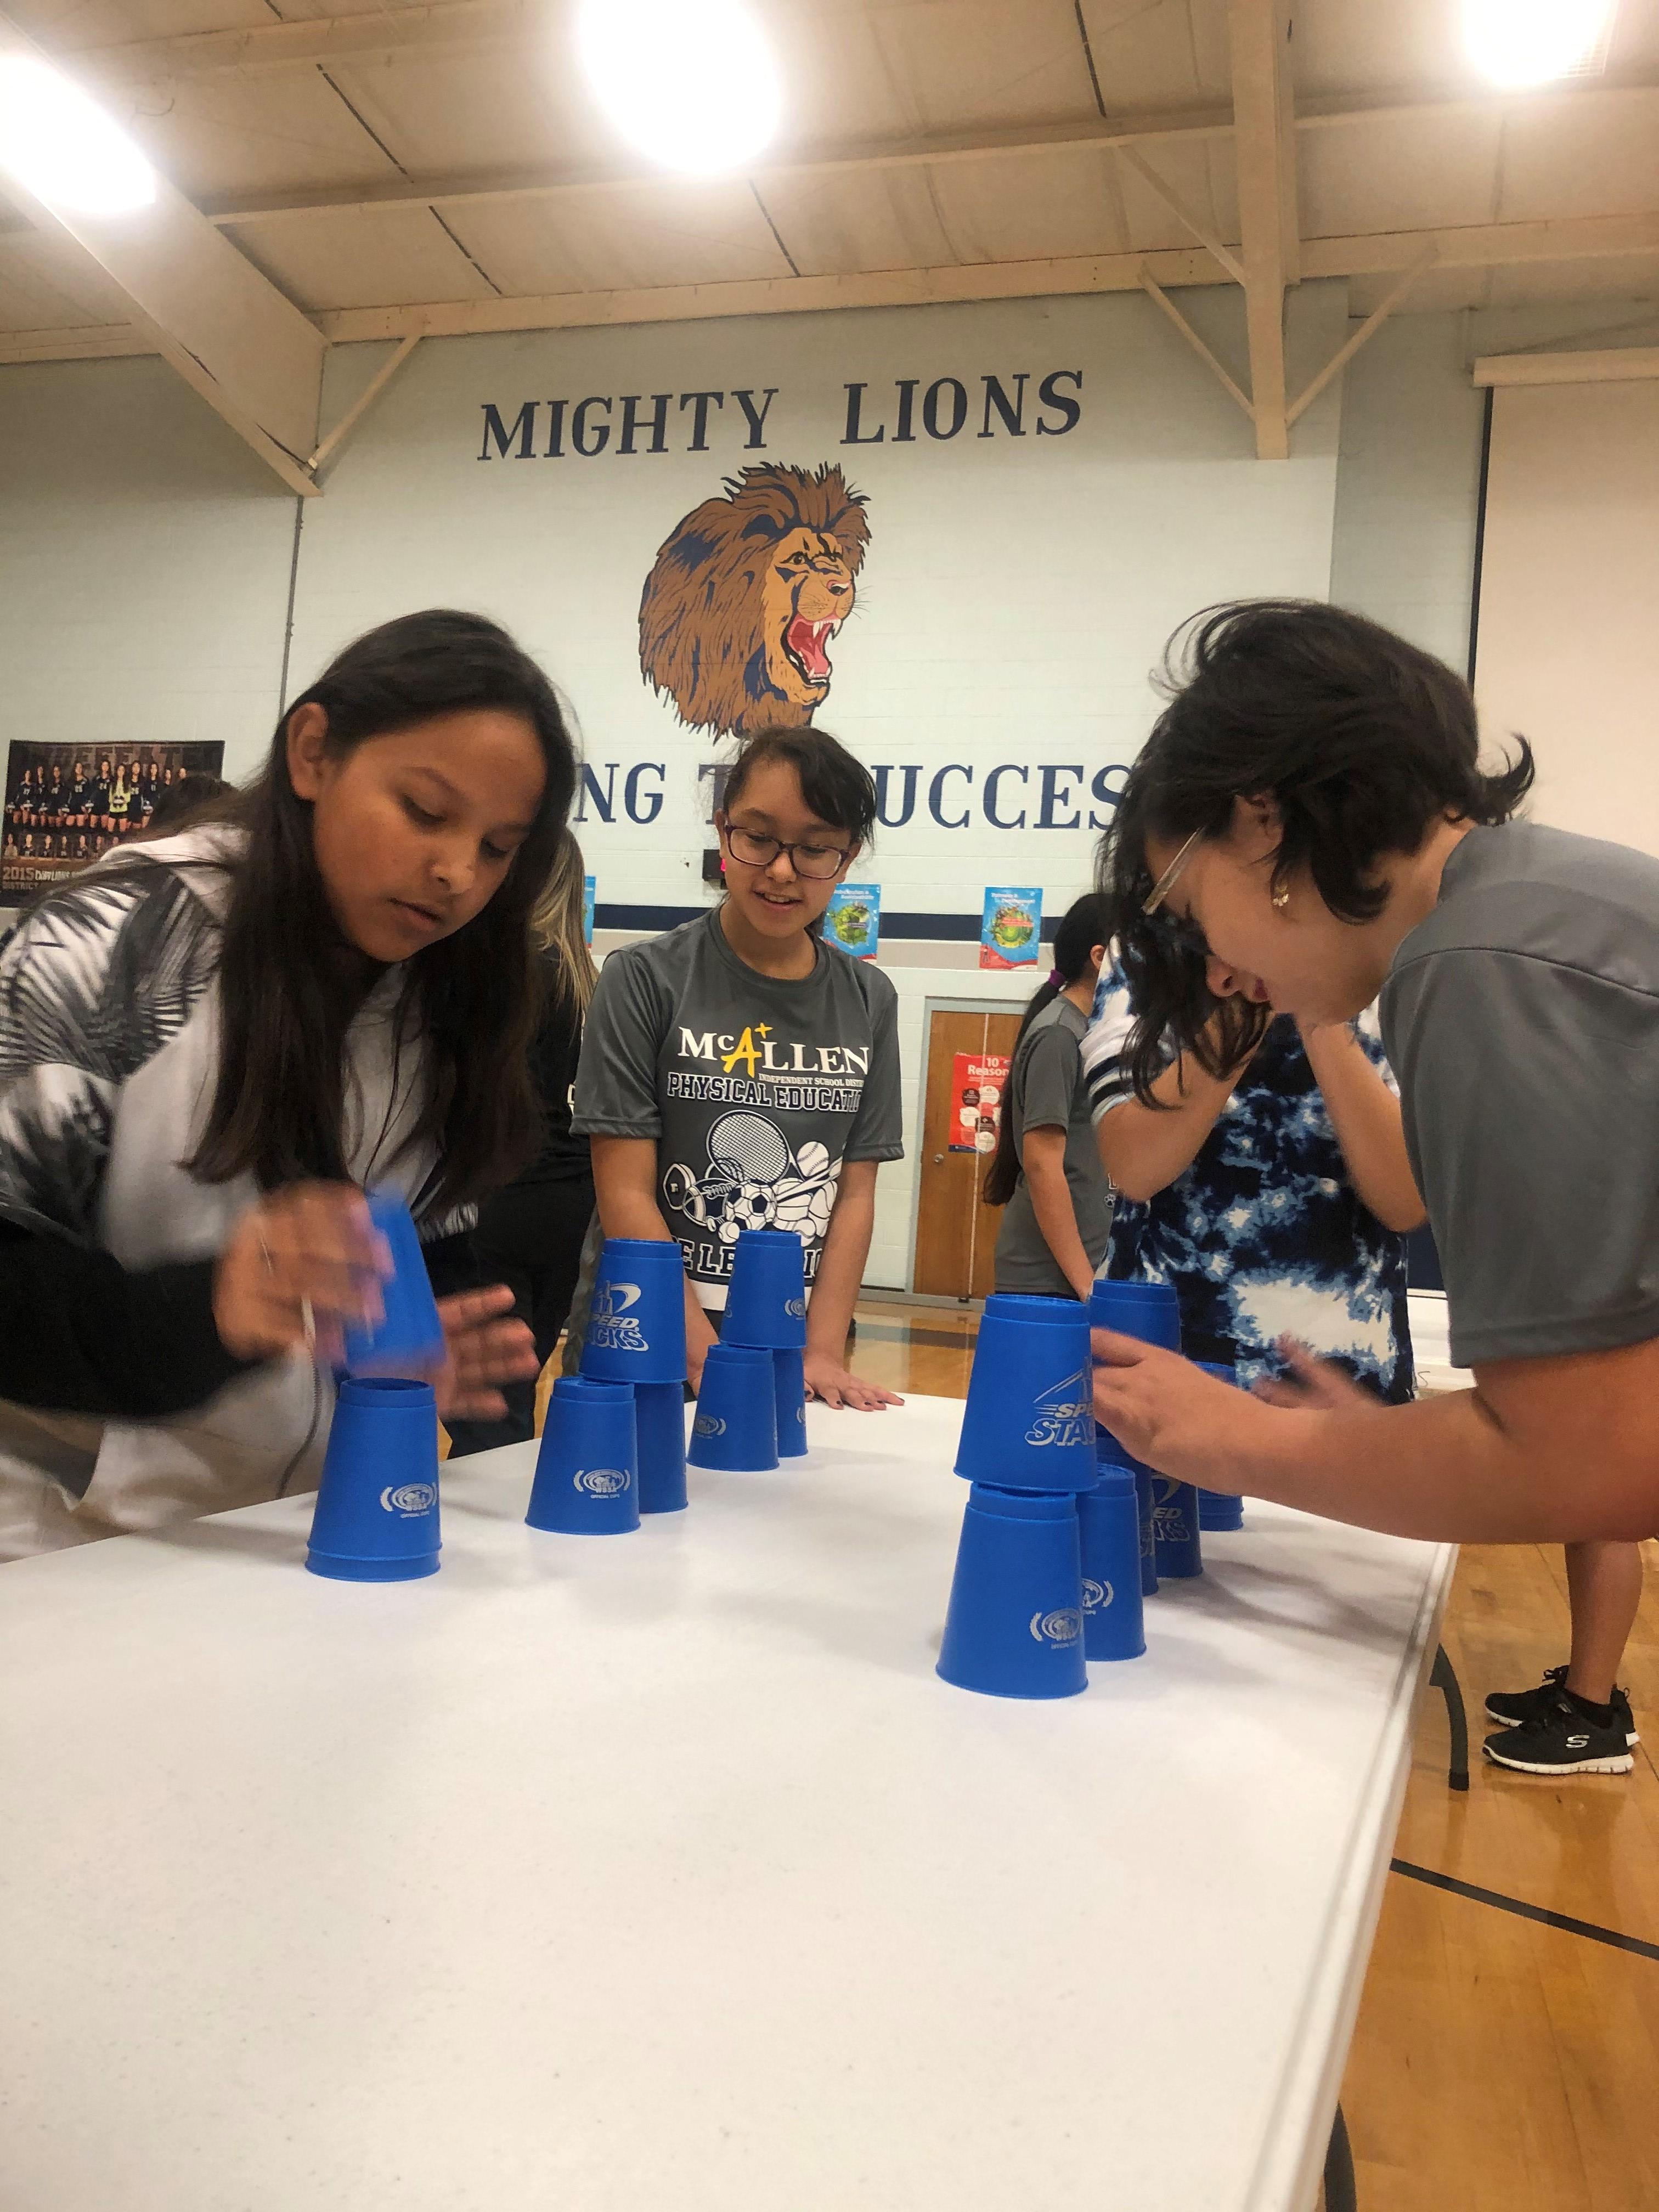 De Leon Middle School cupstacking